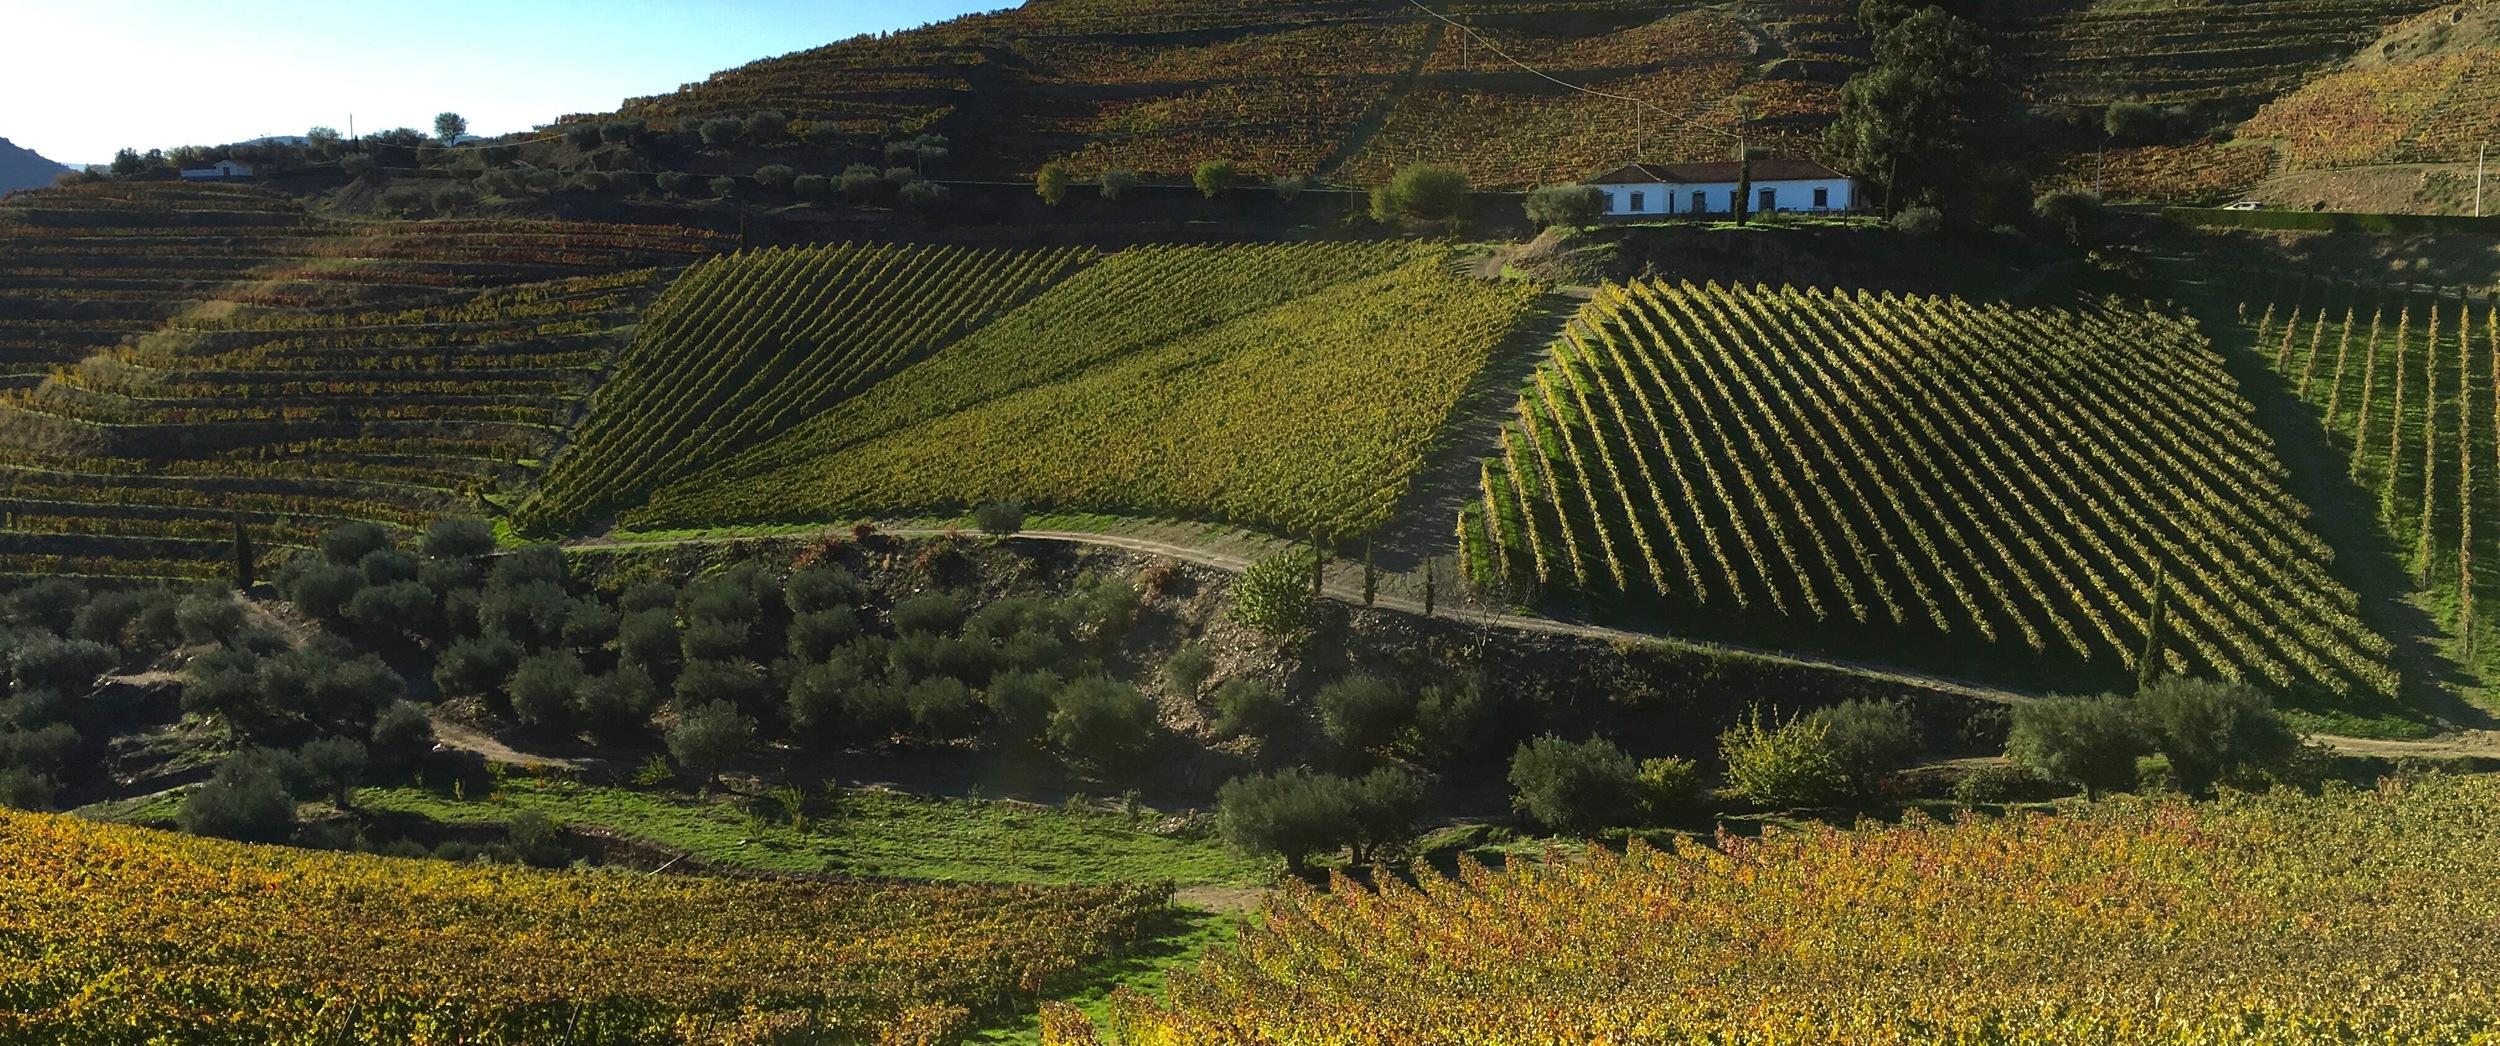 Quinta Do Crasto, Douro Valley, Portugal